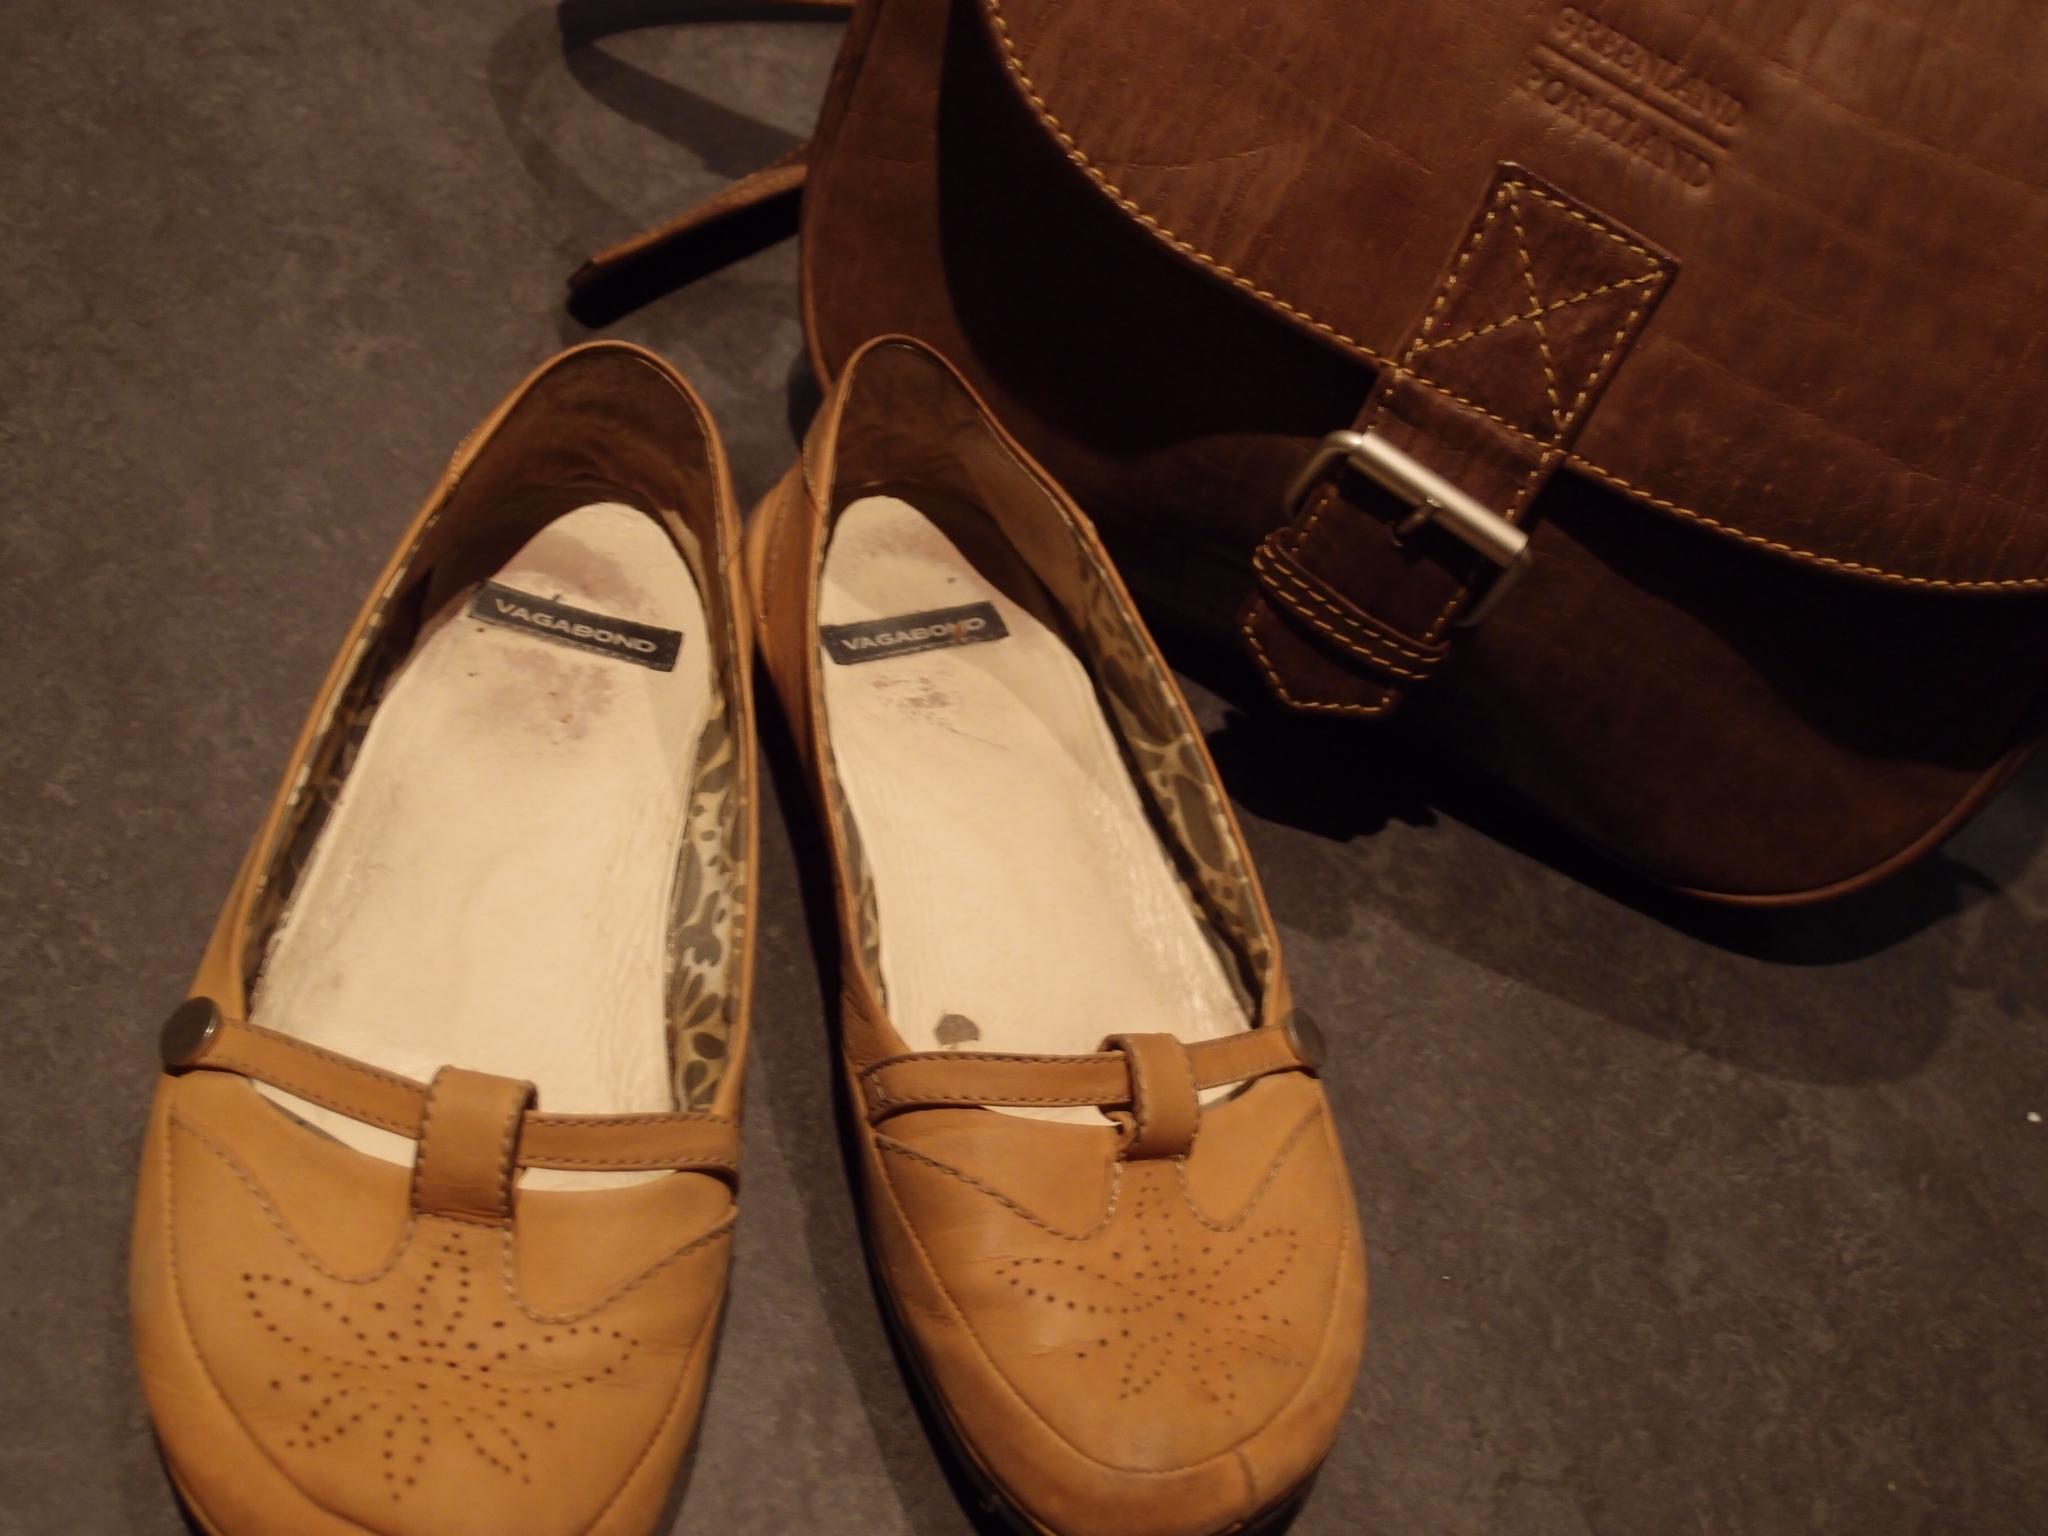 ruskeat kengät mustan puvun kanssa Kitee